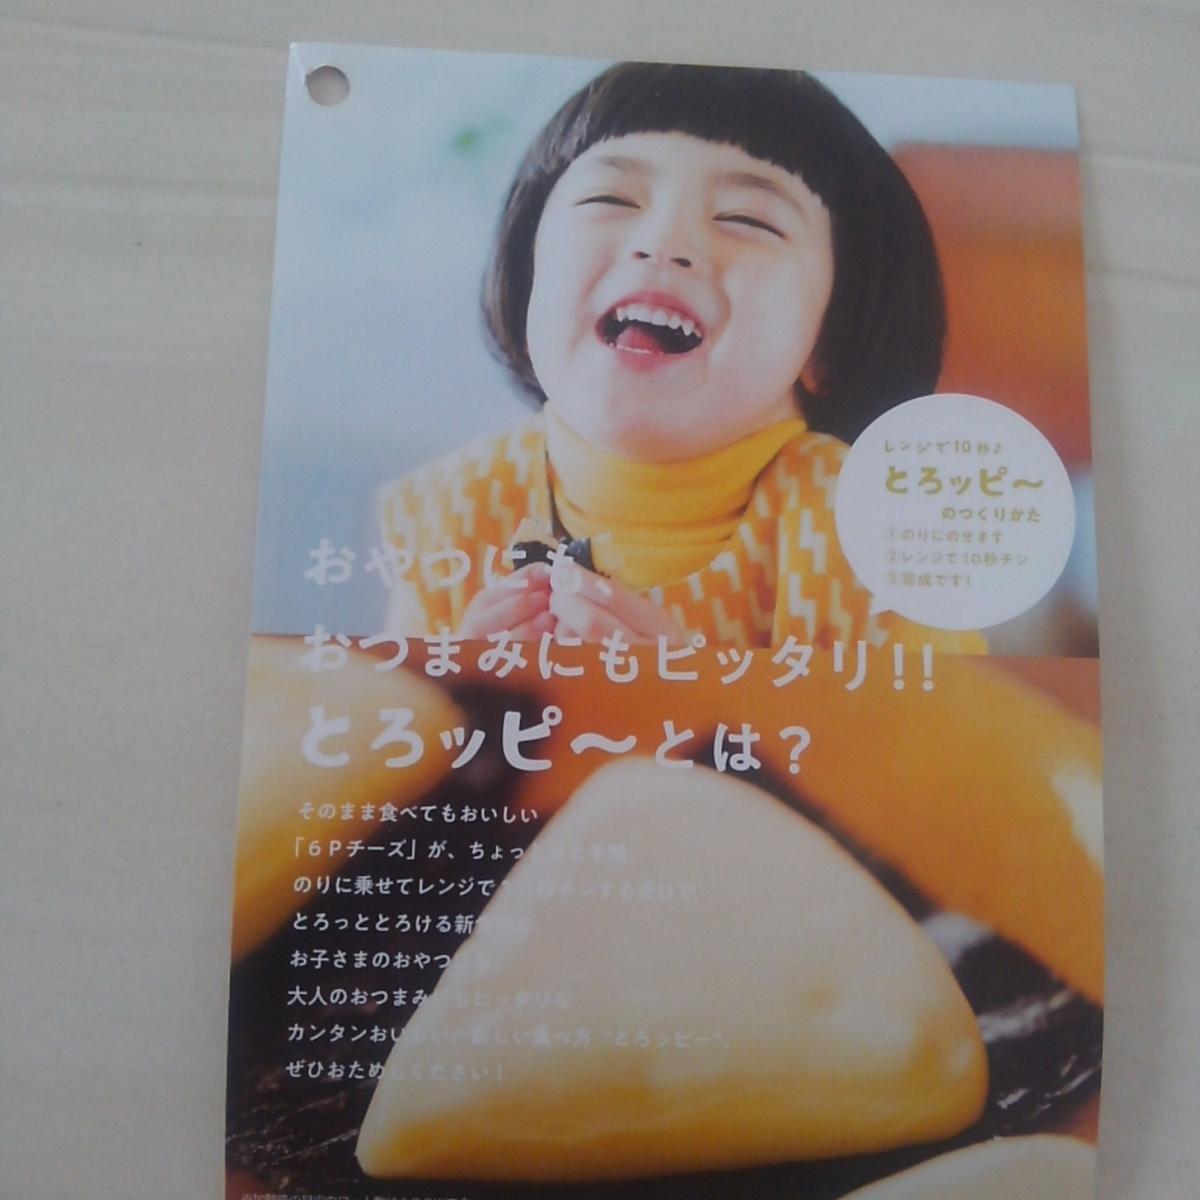 雪印 6Pチーズ とろッピ~